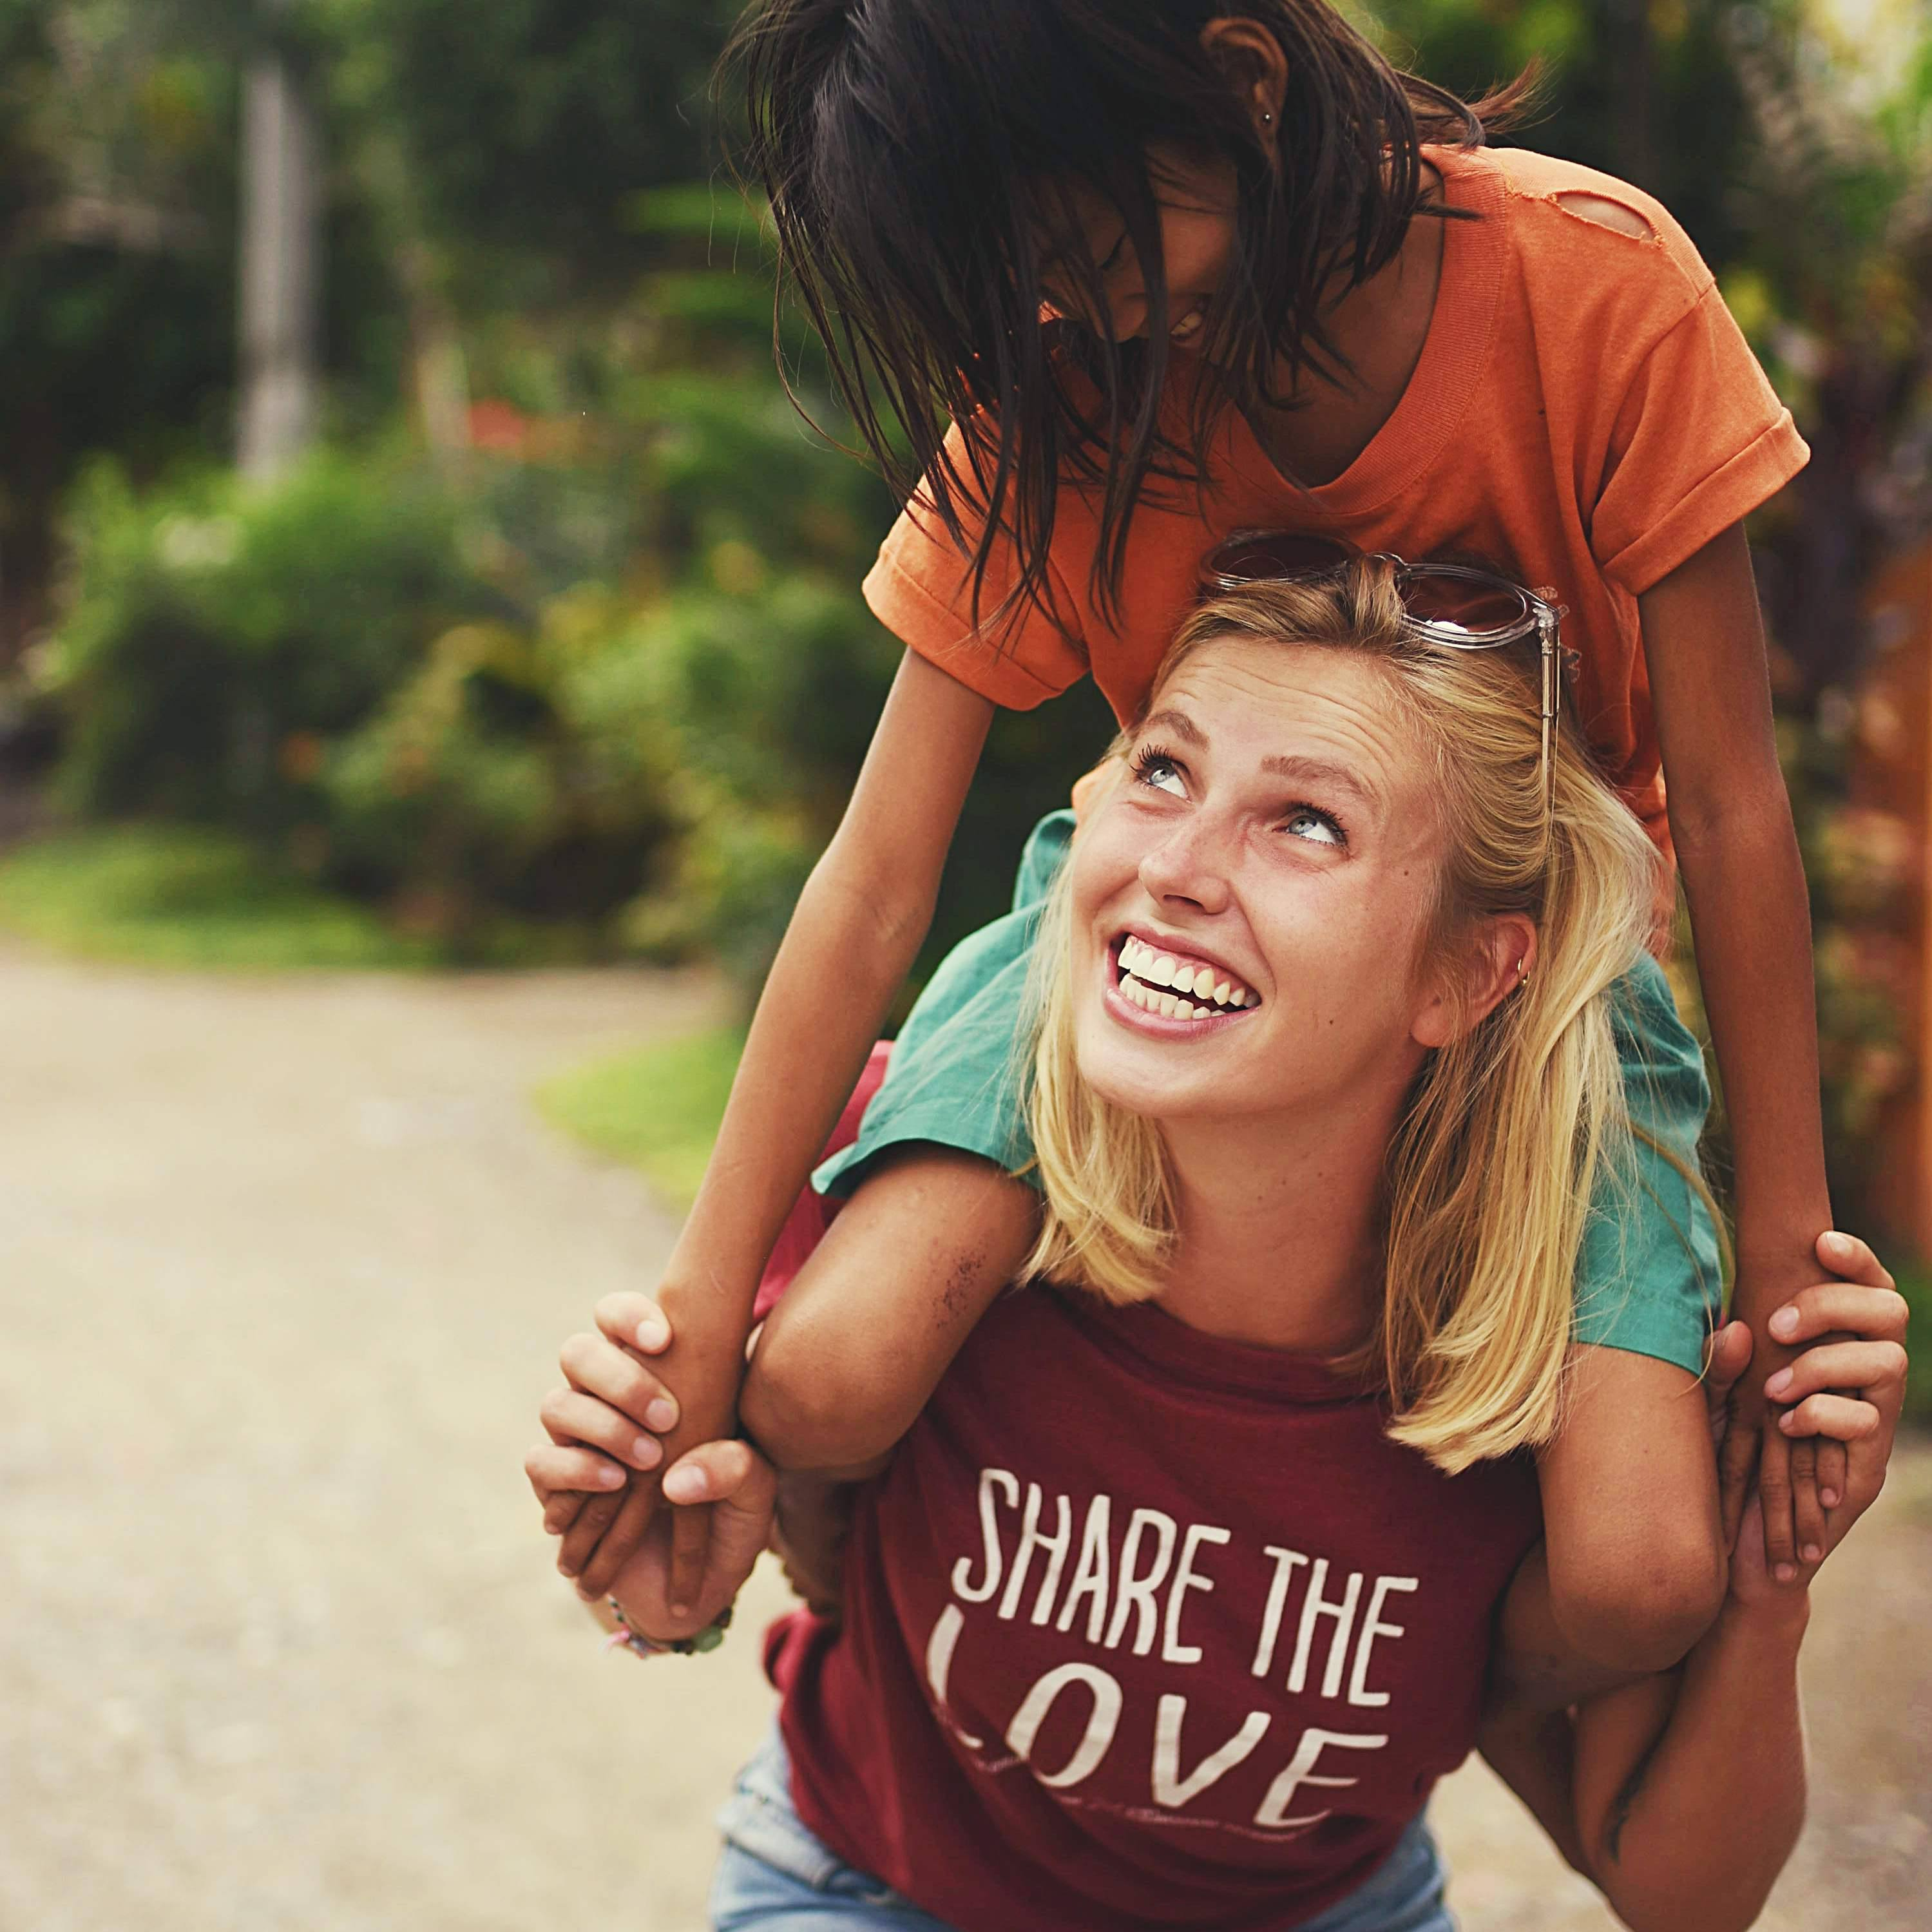 DSC 86261 - Share the love T-shirts